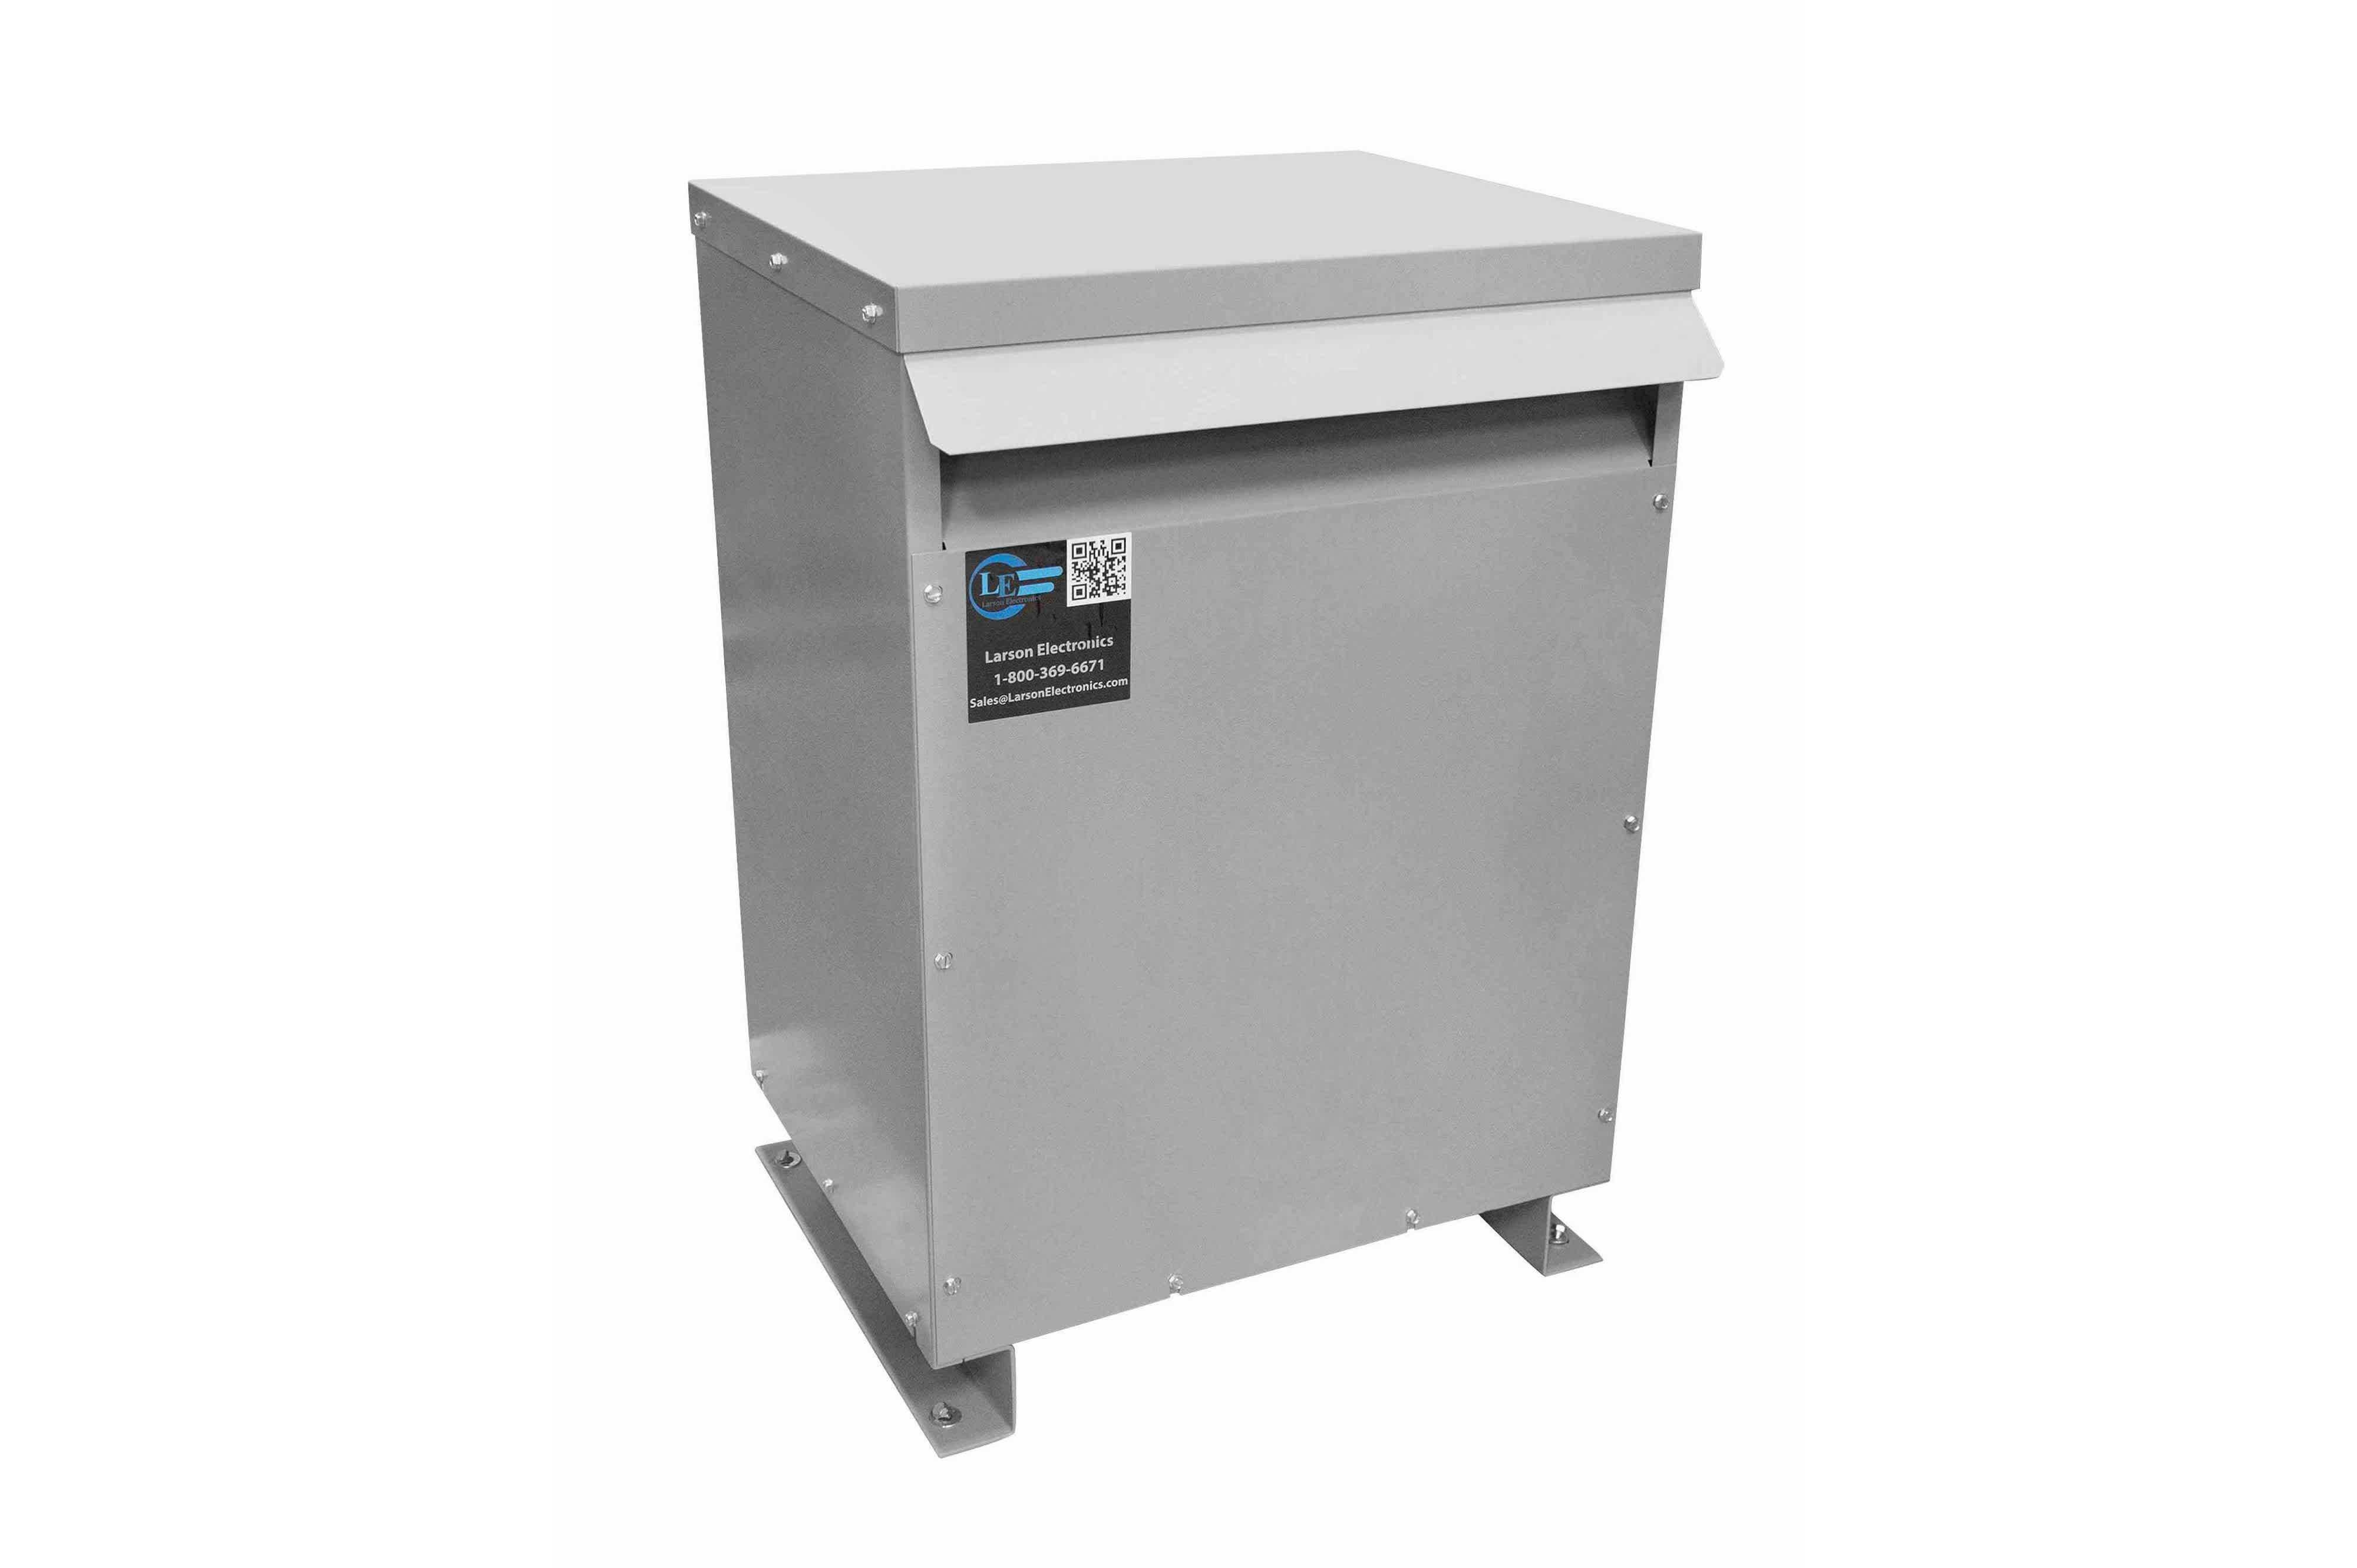 30 kVA 3PH Isolation Transformer, 380V Delta Primary, 600V Delta Secondary, N3R, Ventilated, 60 Hz